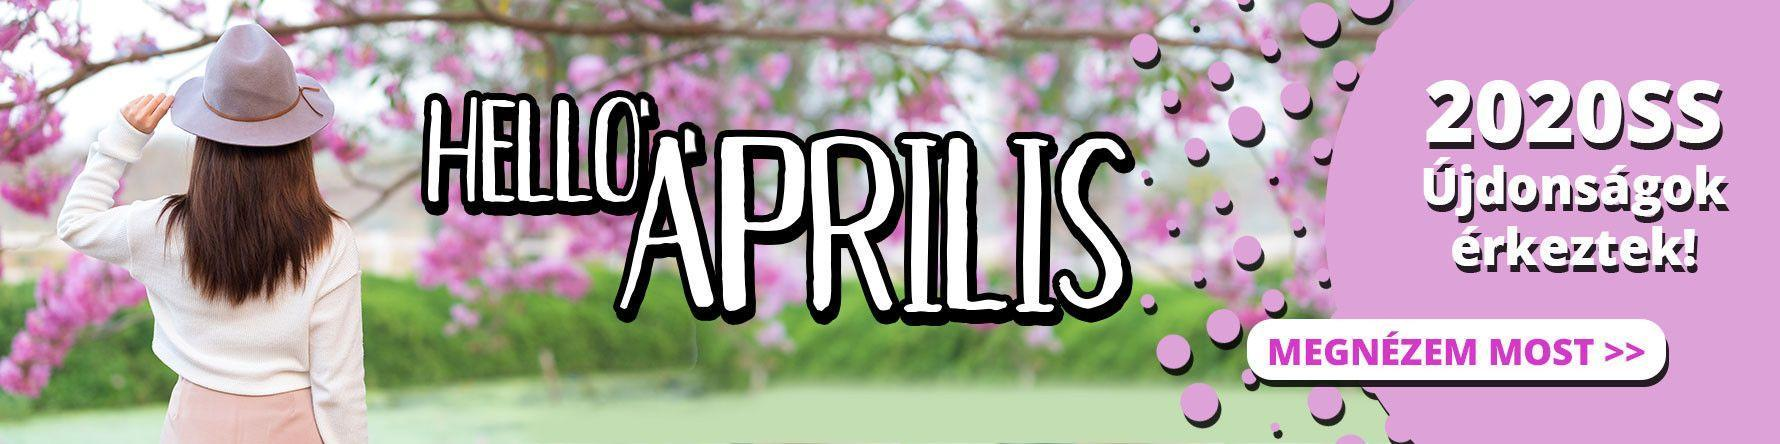 HELLO ÁPRILIS